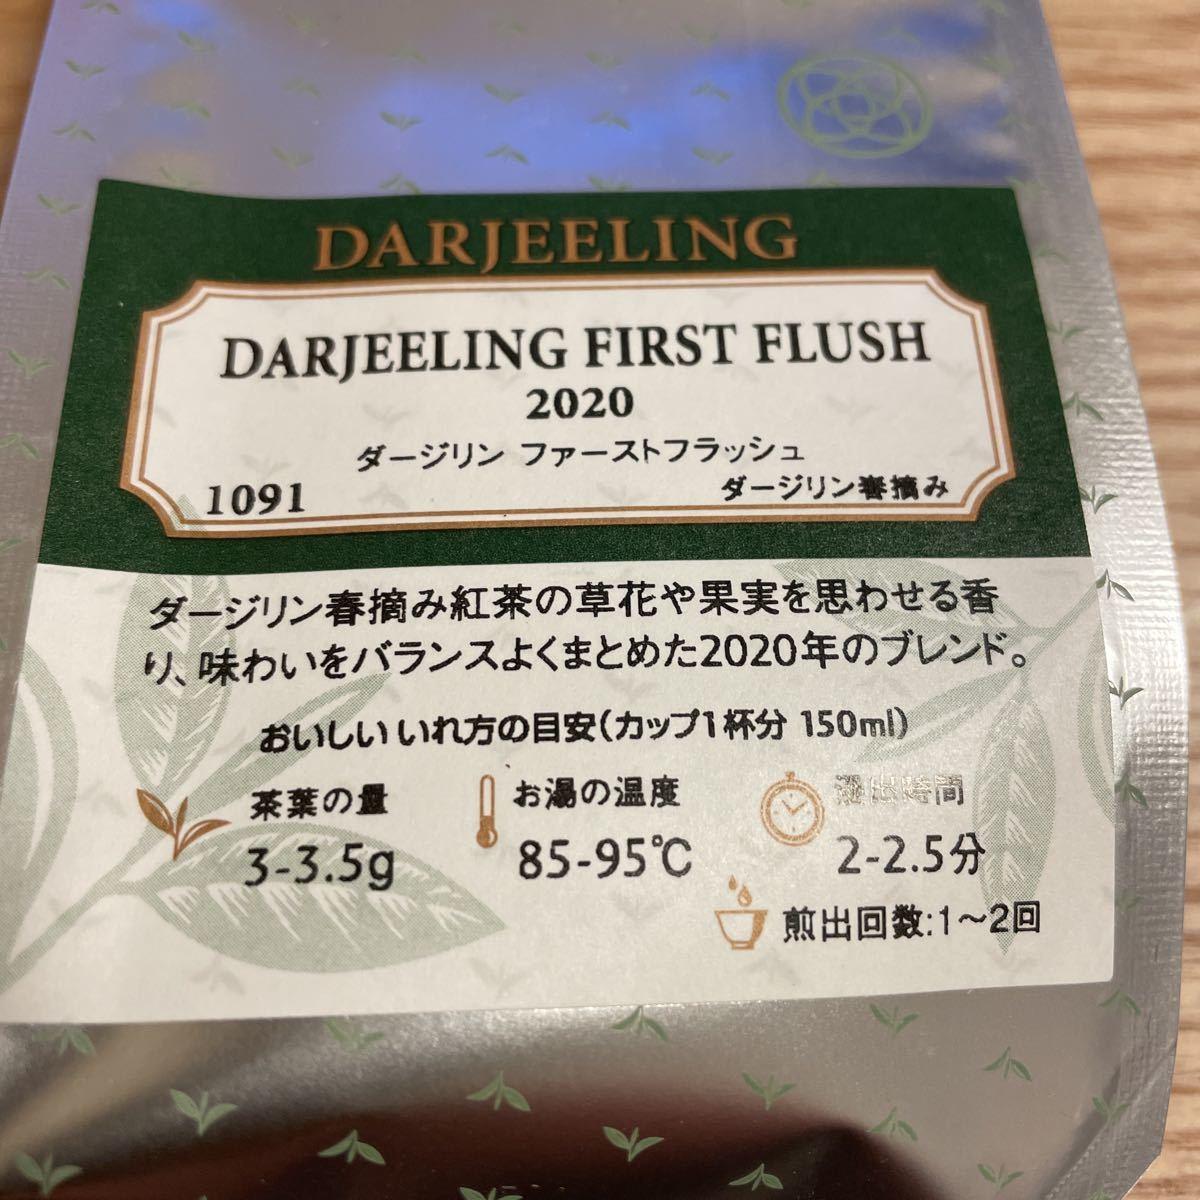 ルピシア LUPICIA 紅茶 グレイグモア ダージリンファーストフラッシュ リーフ